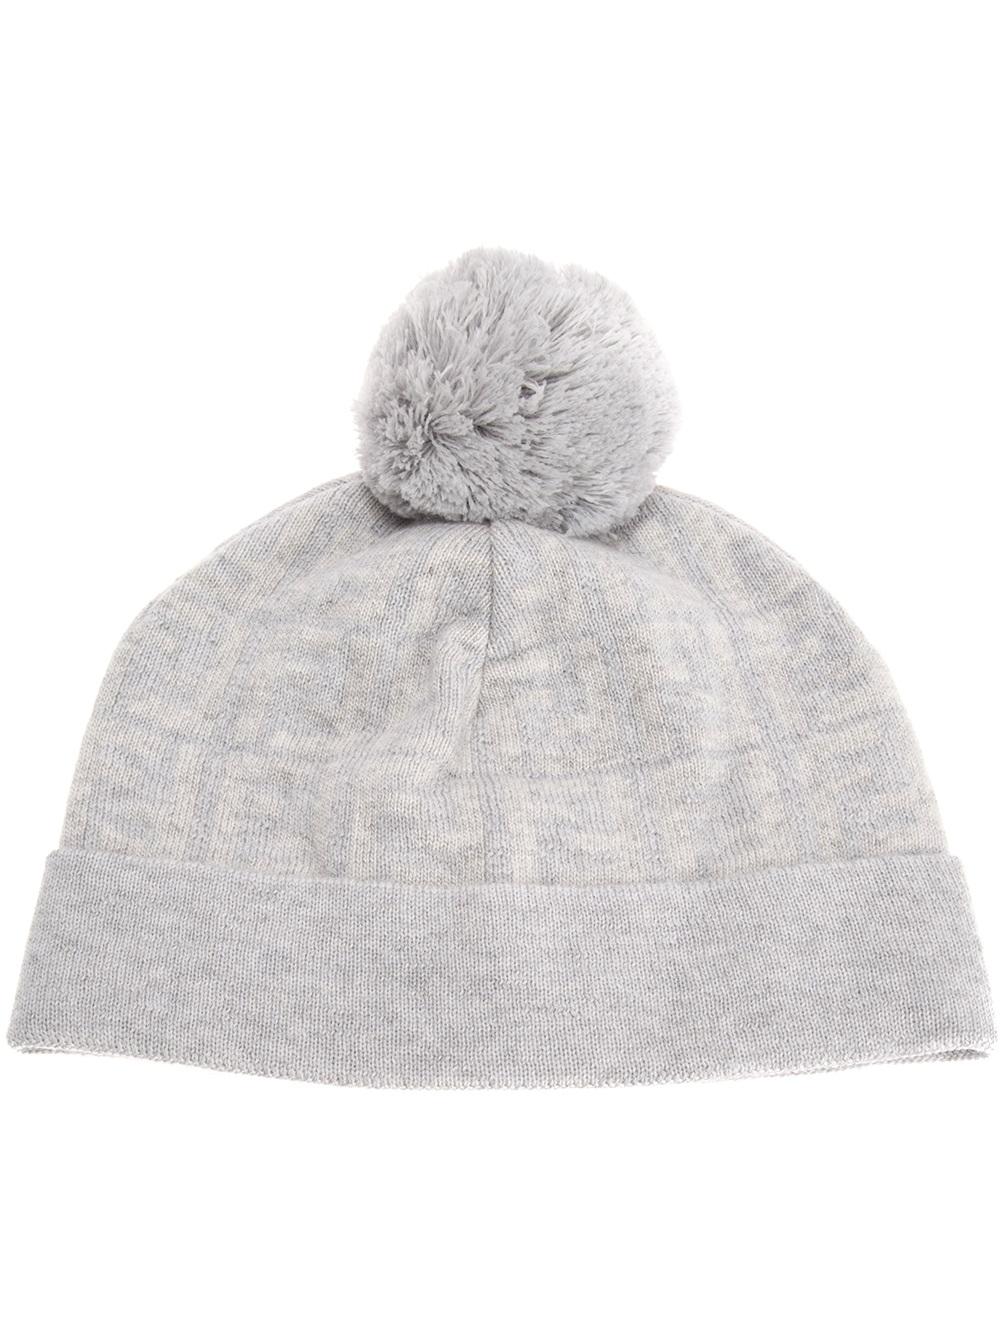 66d06645680 Lyst - Fendi Jacquard Monogram Bobble Hat in Gray for Men